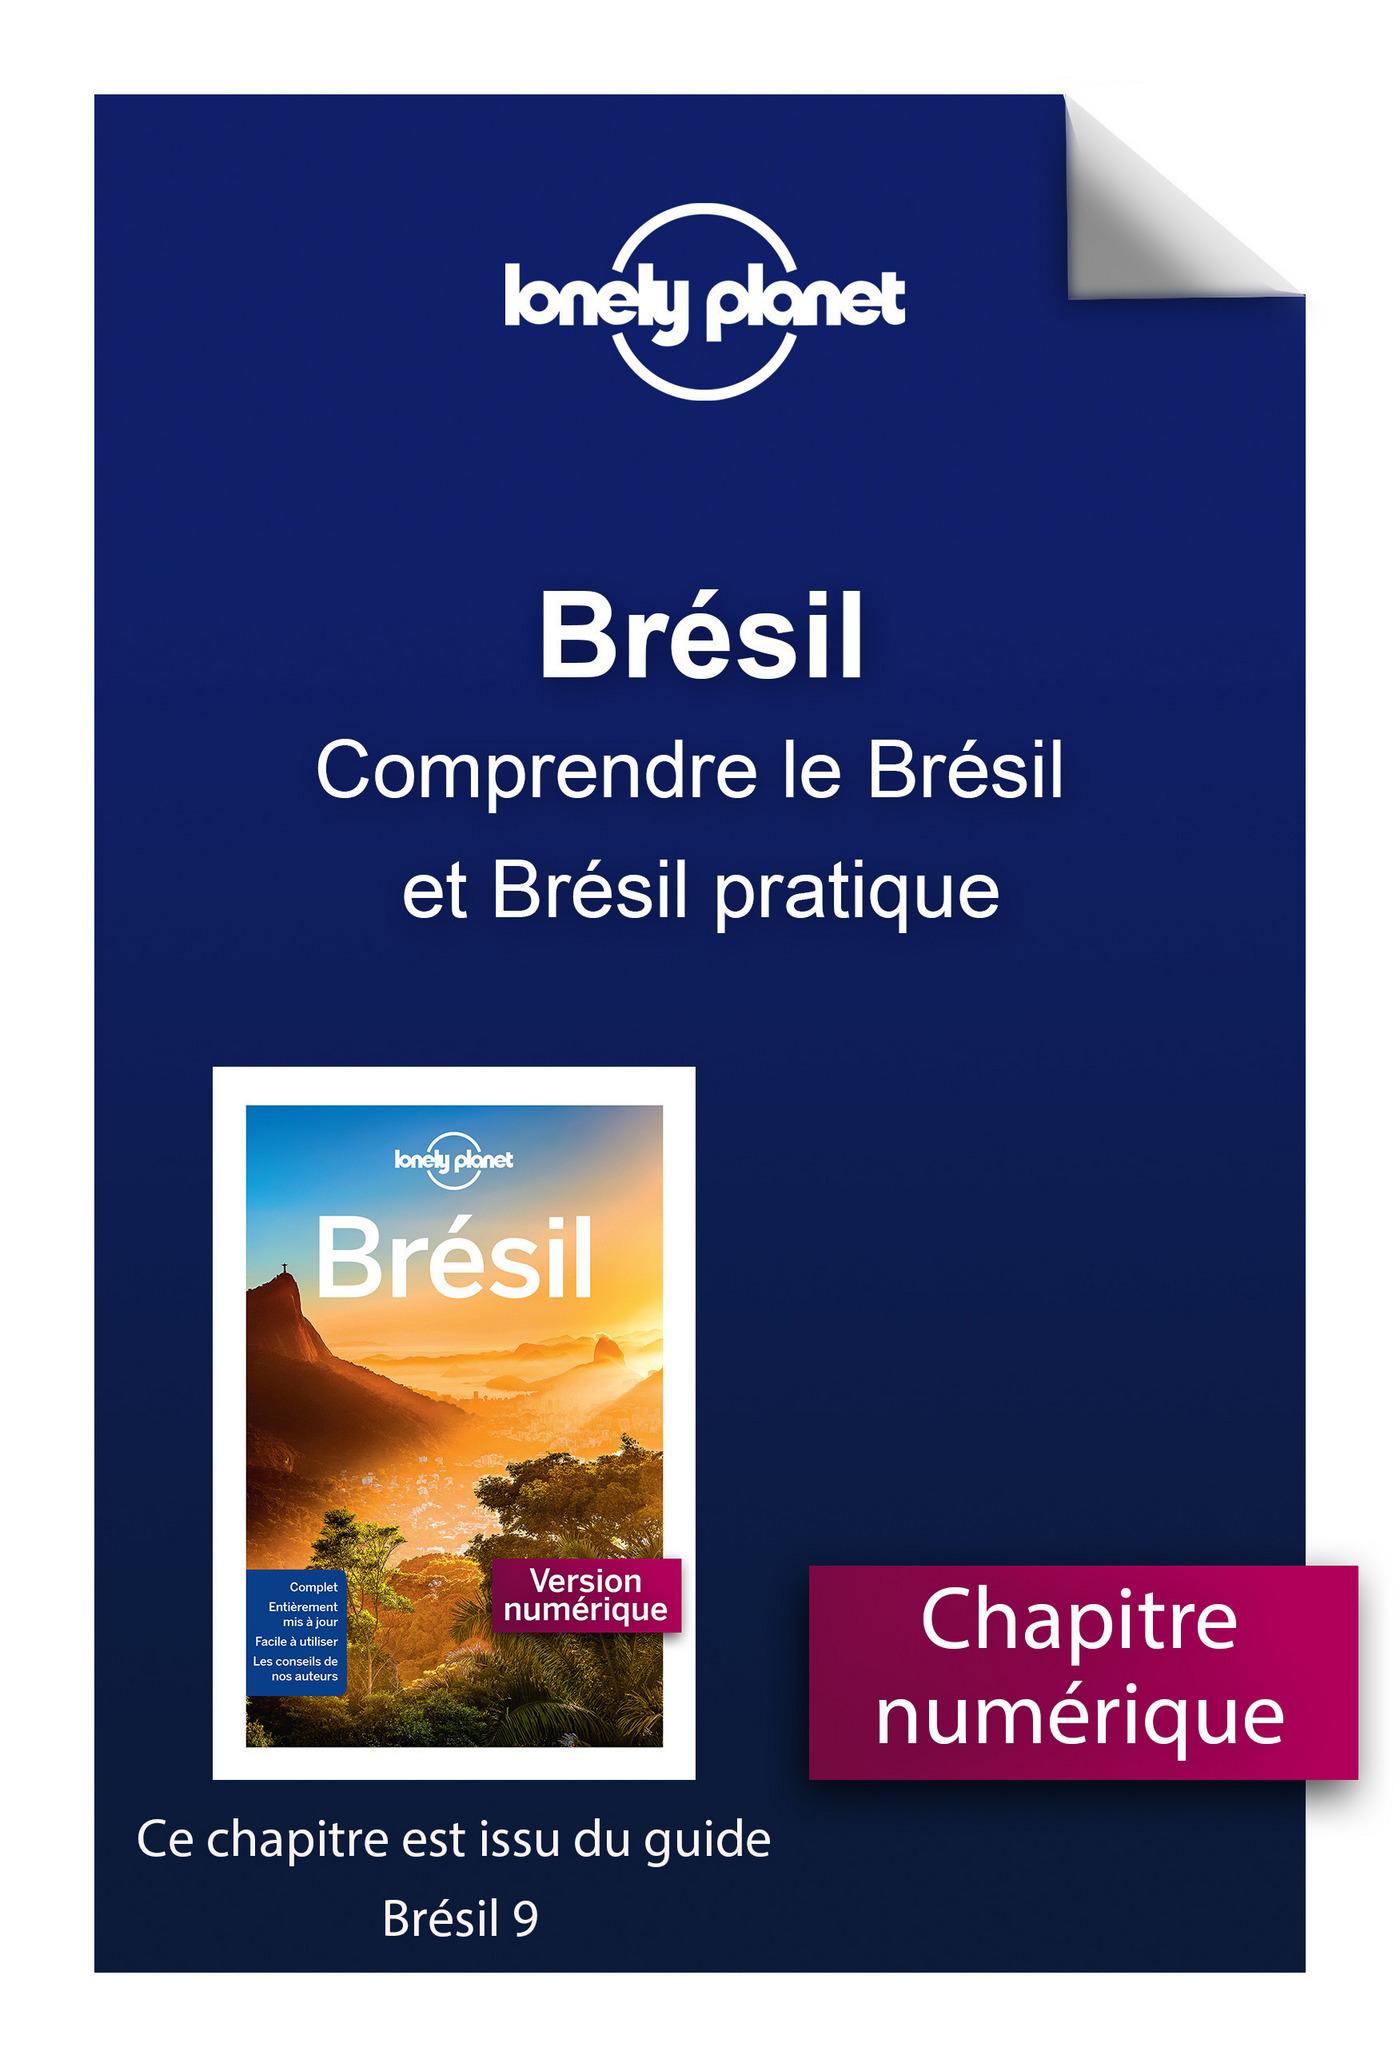 Brésil 9 - Comprendre le Brésil et Brésil pratique